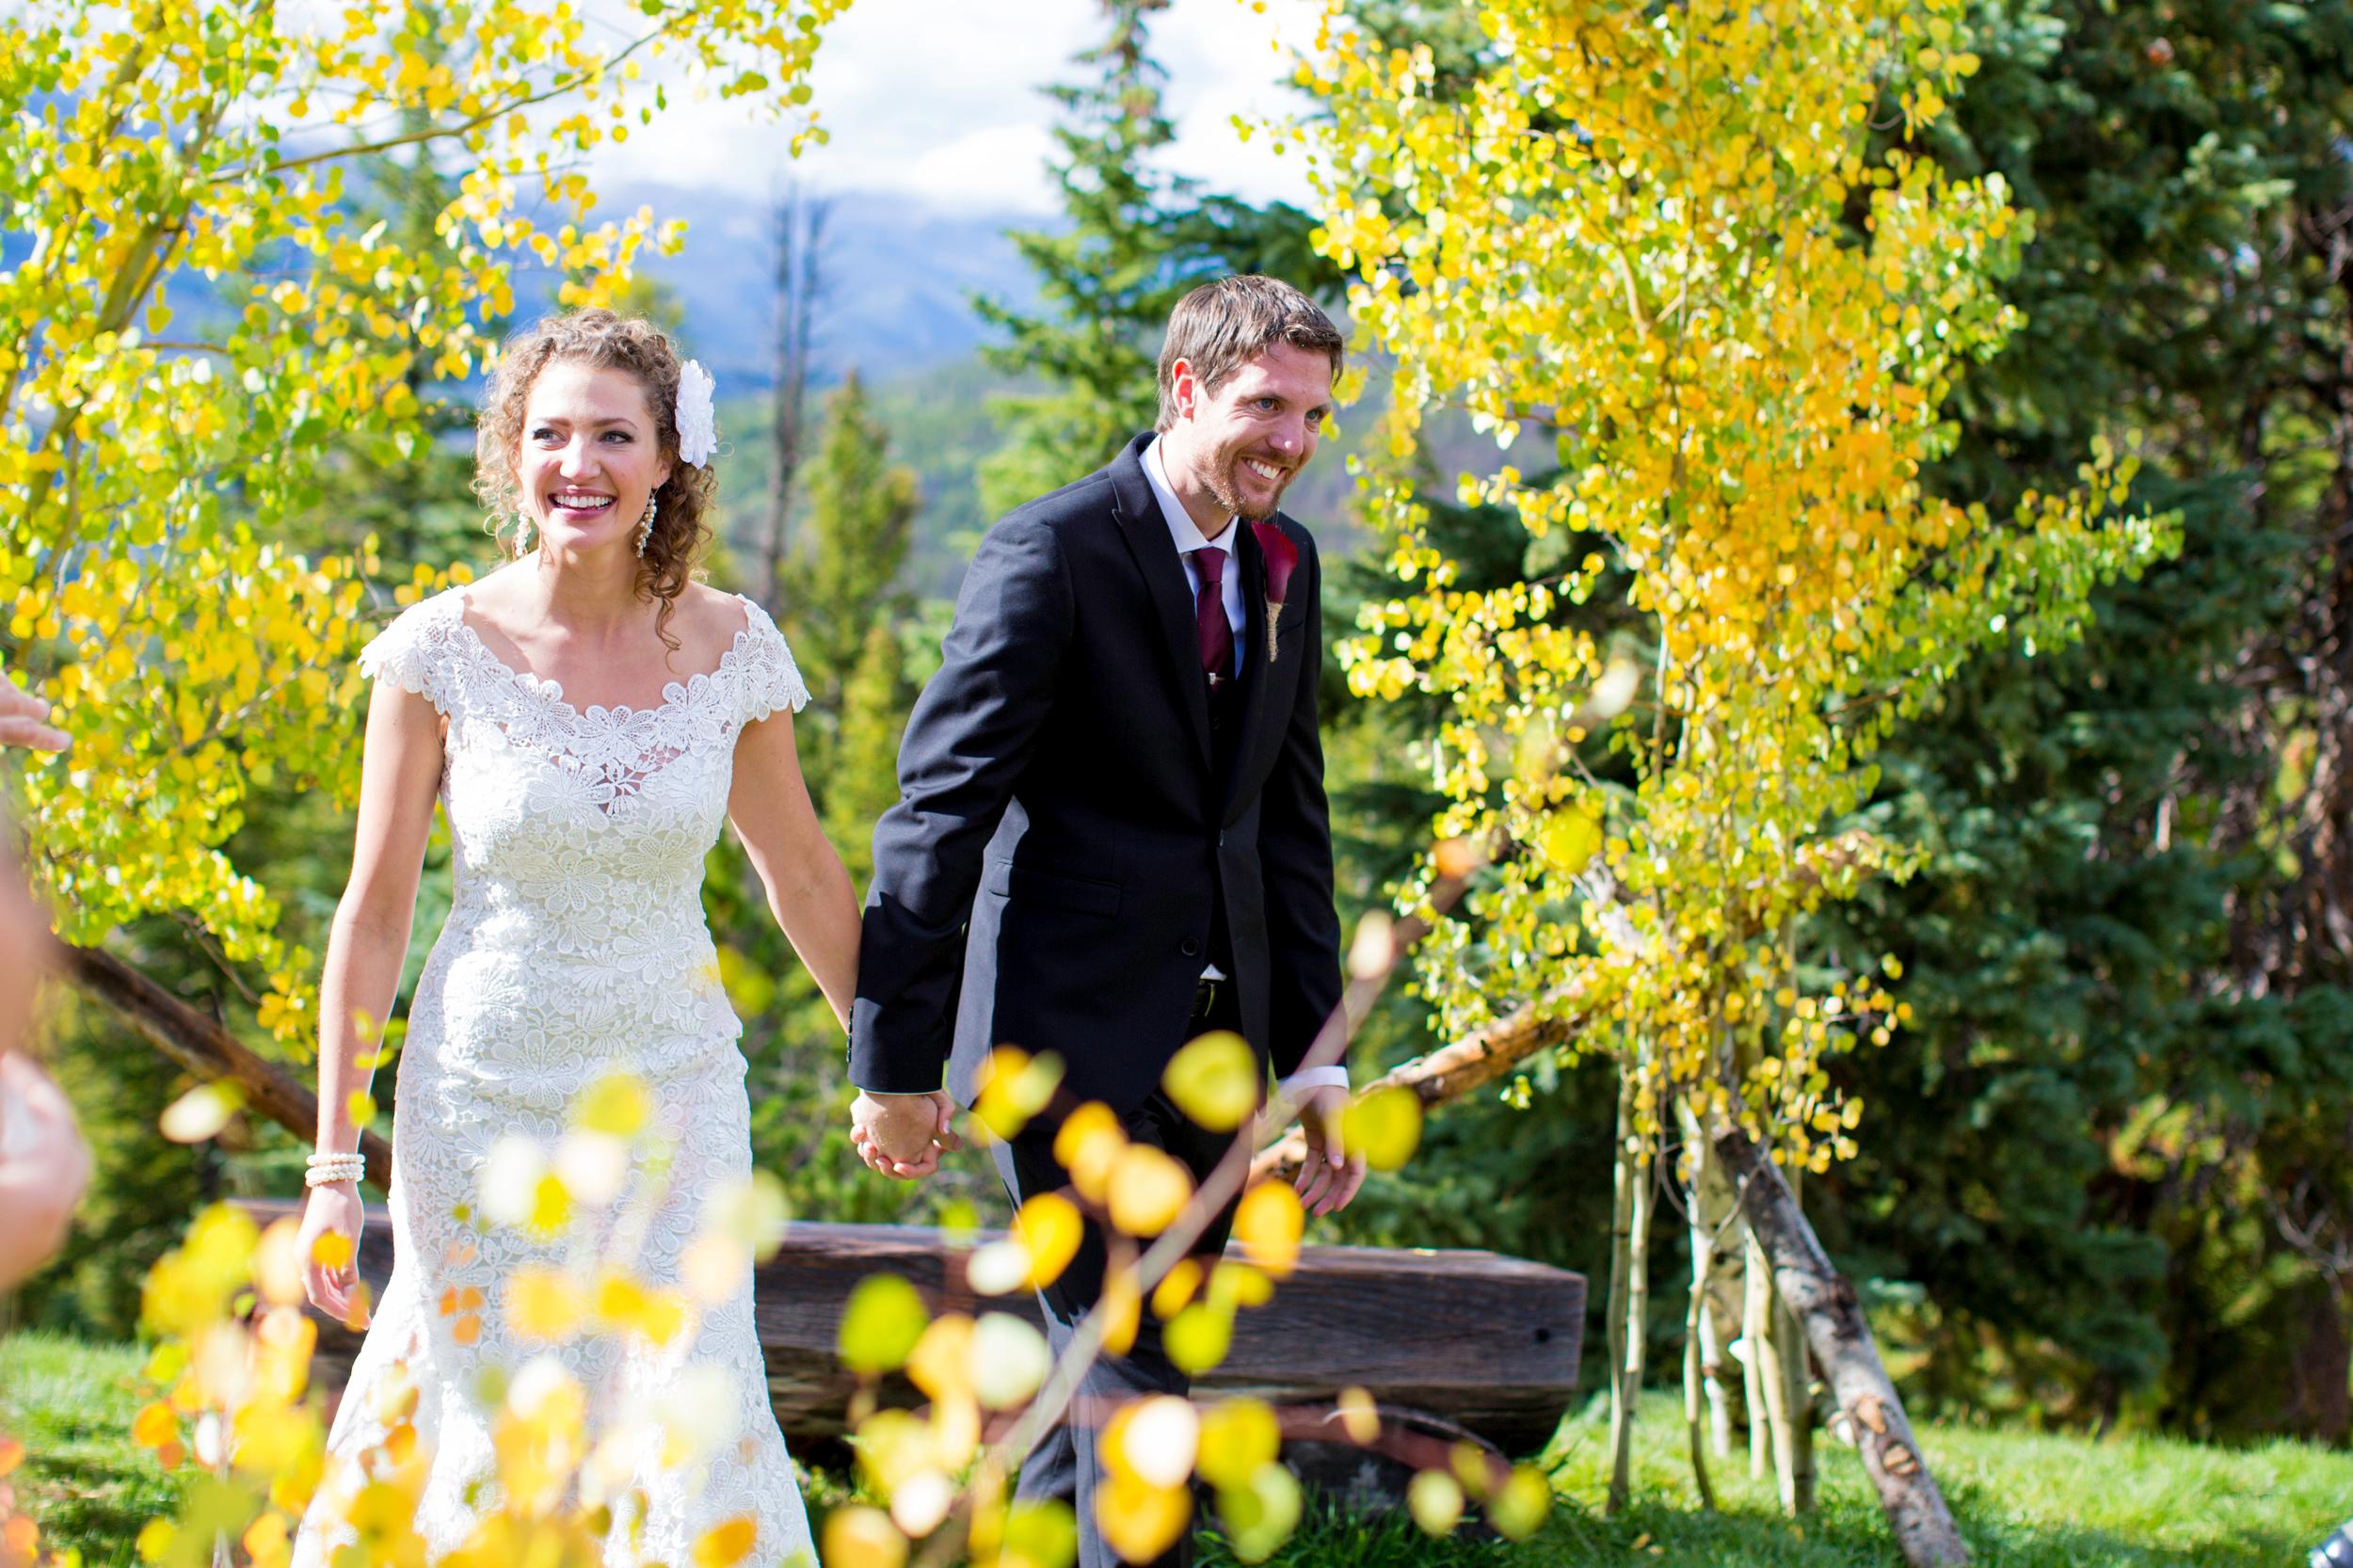 Rachel & Tim - September 2013